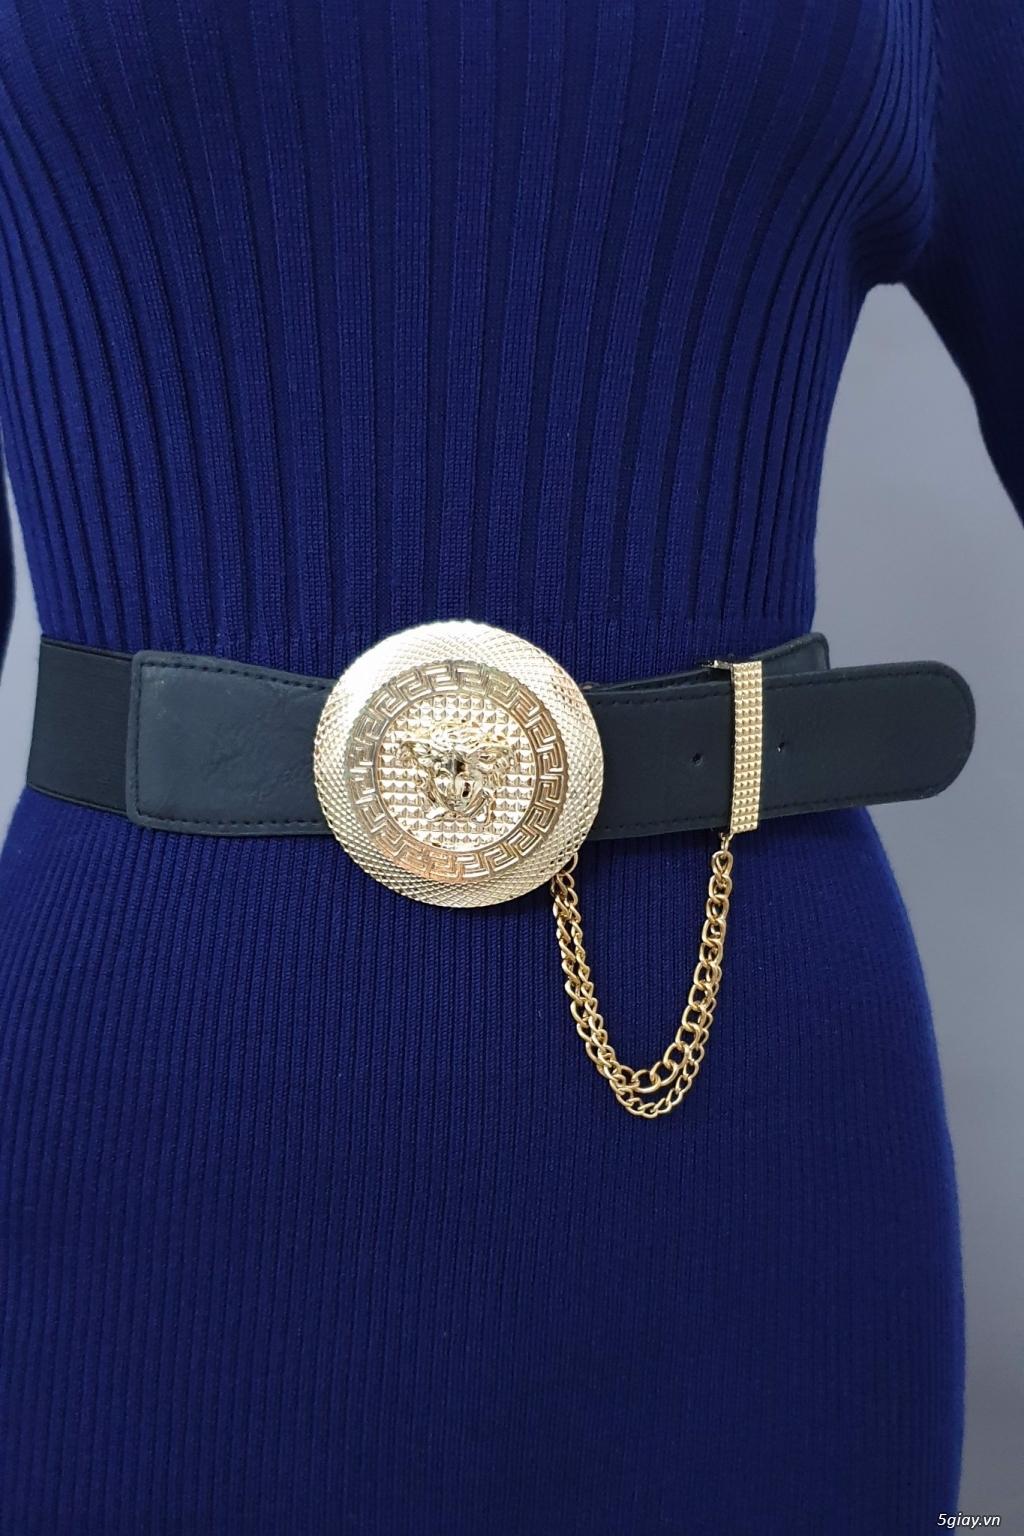 Wal House Fashion - Dây nịt, cài áo, vòng tay, mắt kiếng....... - 1